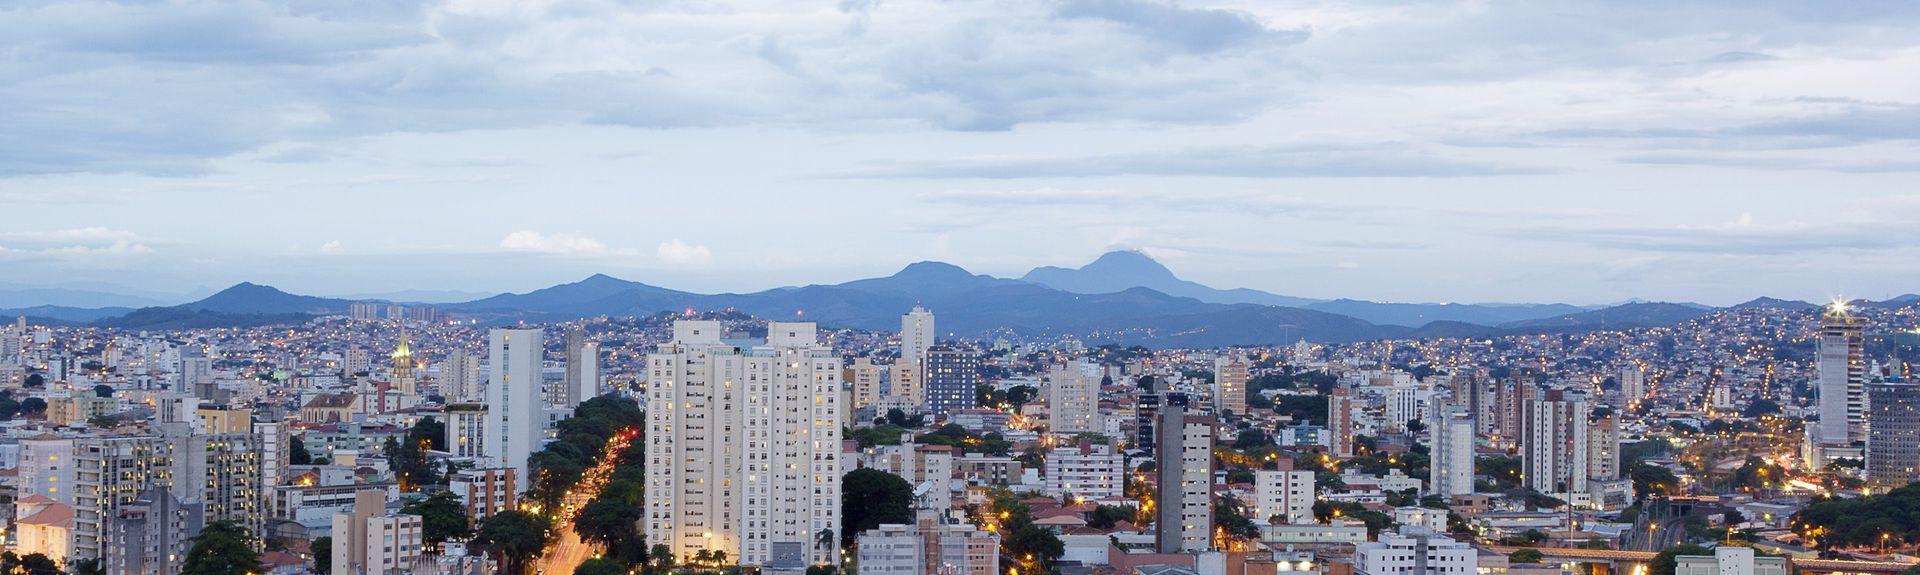 Belo Horizonte, Minas Gerais, Brazil